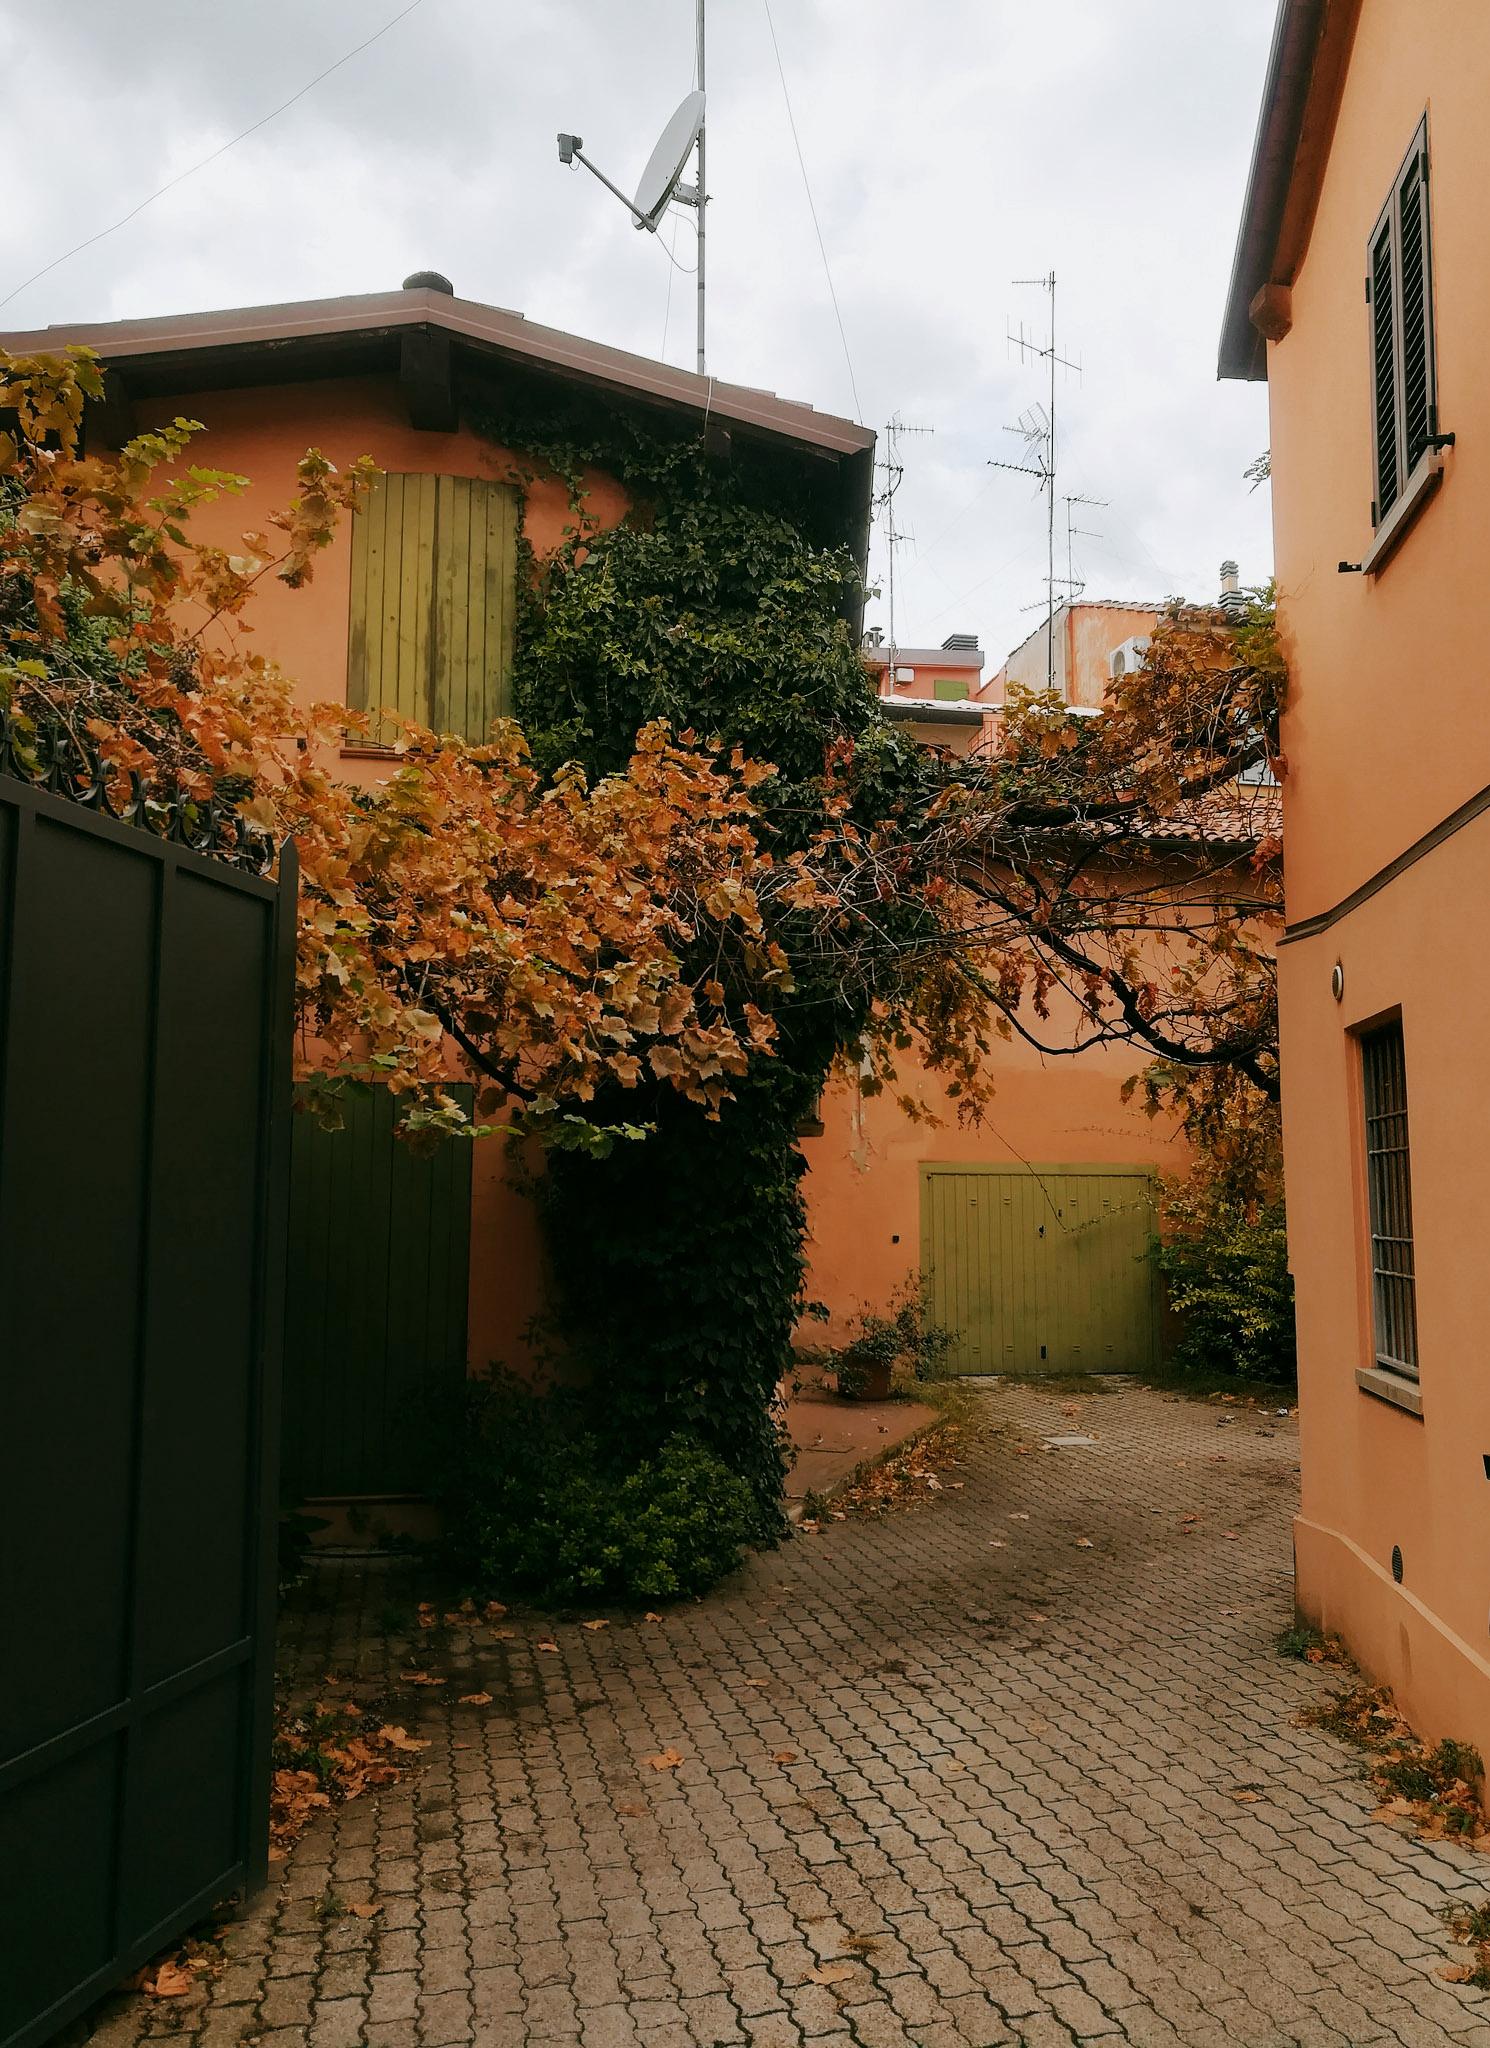 Италия осенью. Едем в регион Эмилия-Романья Италия осенью.  Эмилия-Романья 25